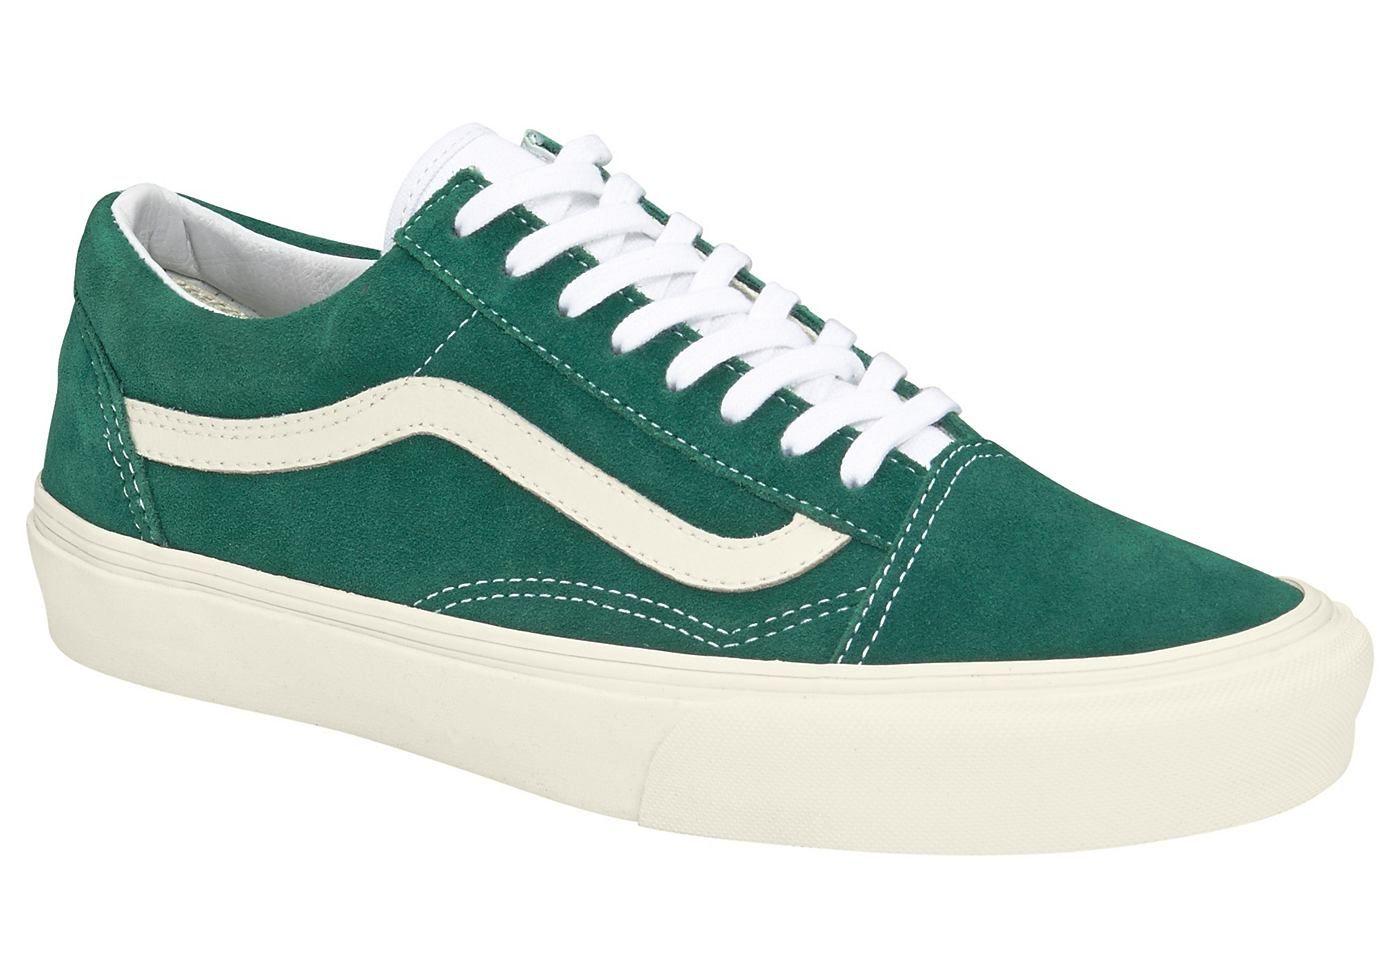 Vans Old Skool Sneaker online kaufen | OTTO | Vans sneakers